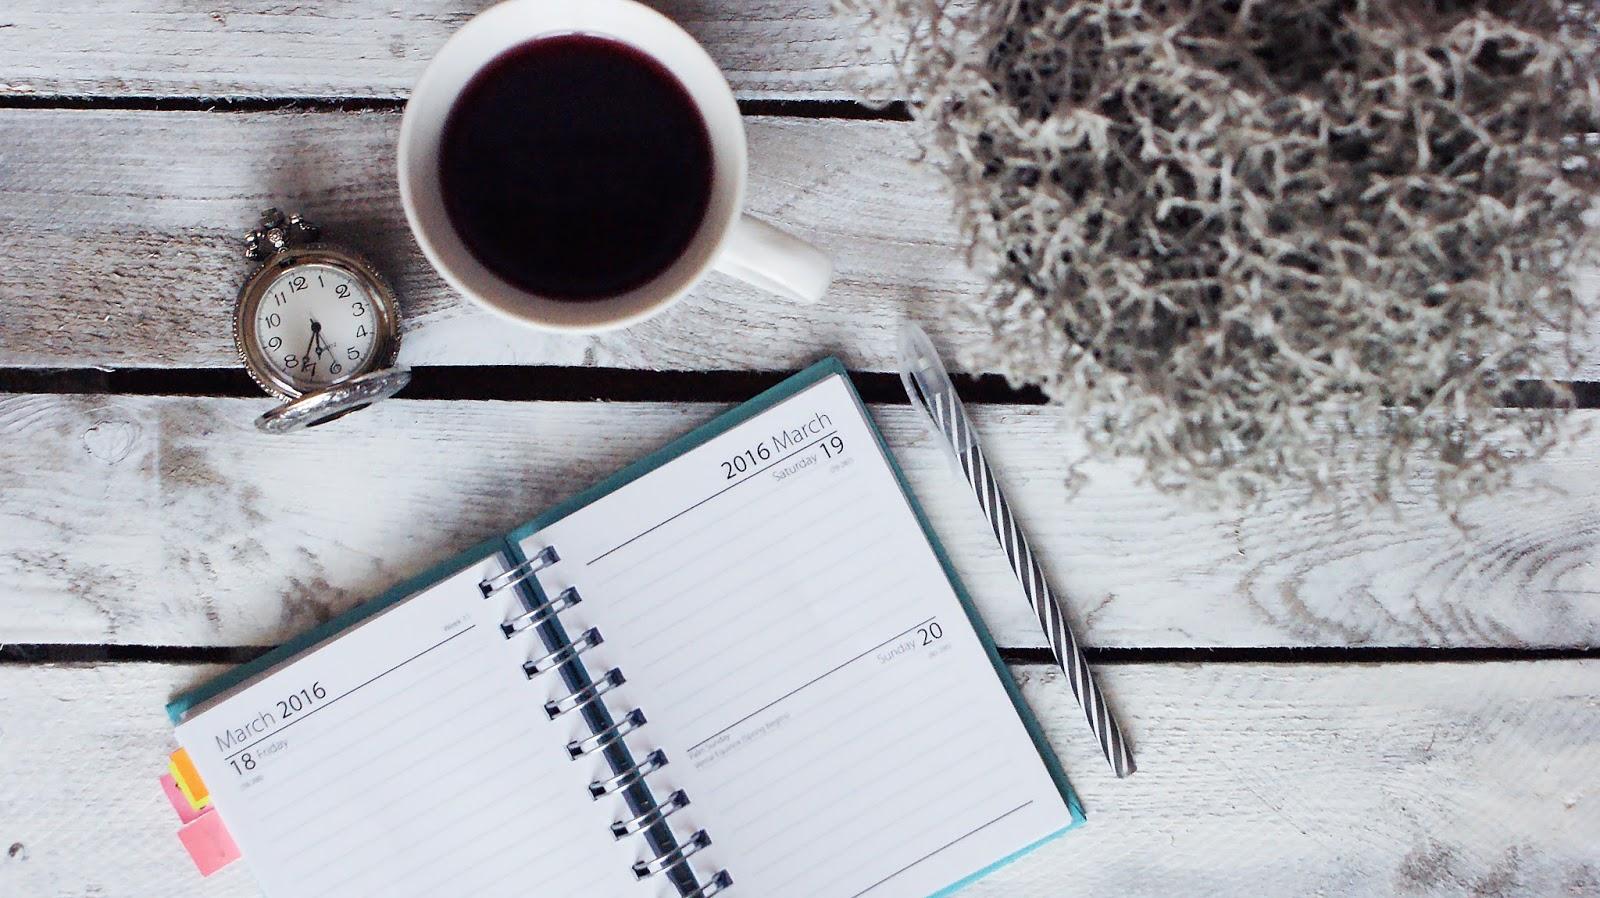 organizacja, jak się zorganizować, kalendarz, zegarek, vintage, drewno, herbata, poradnik